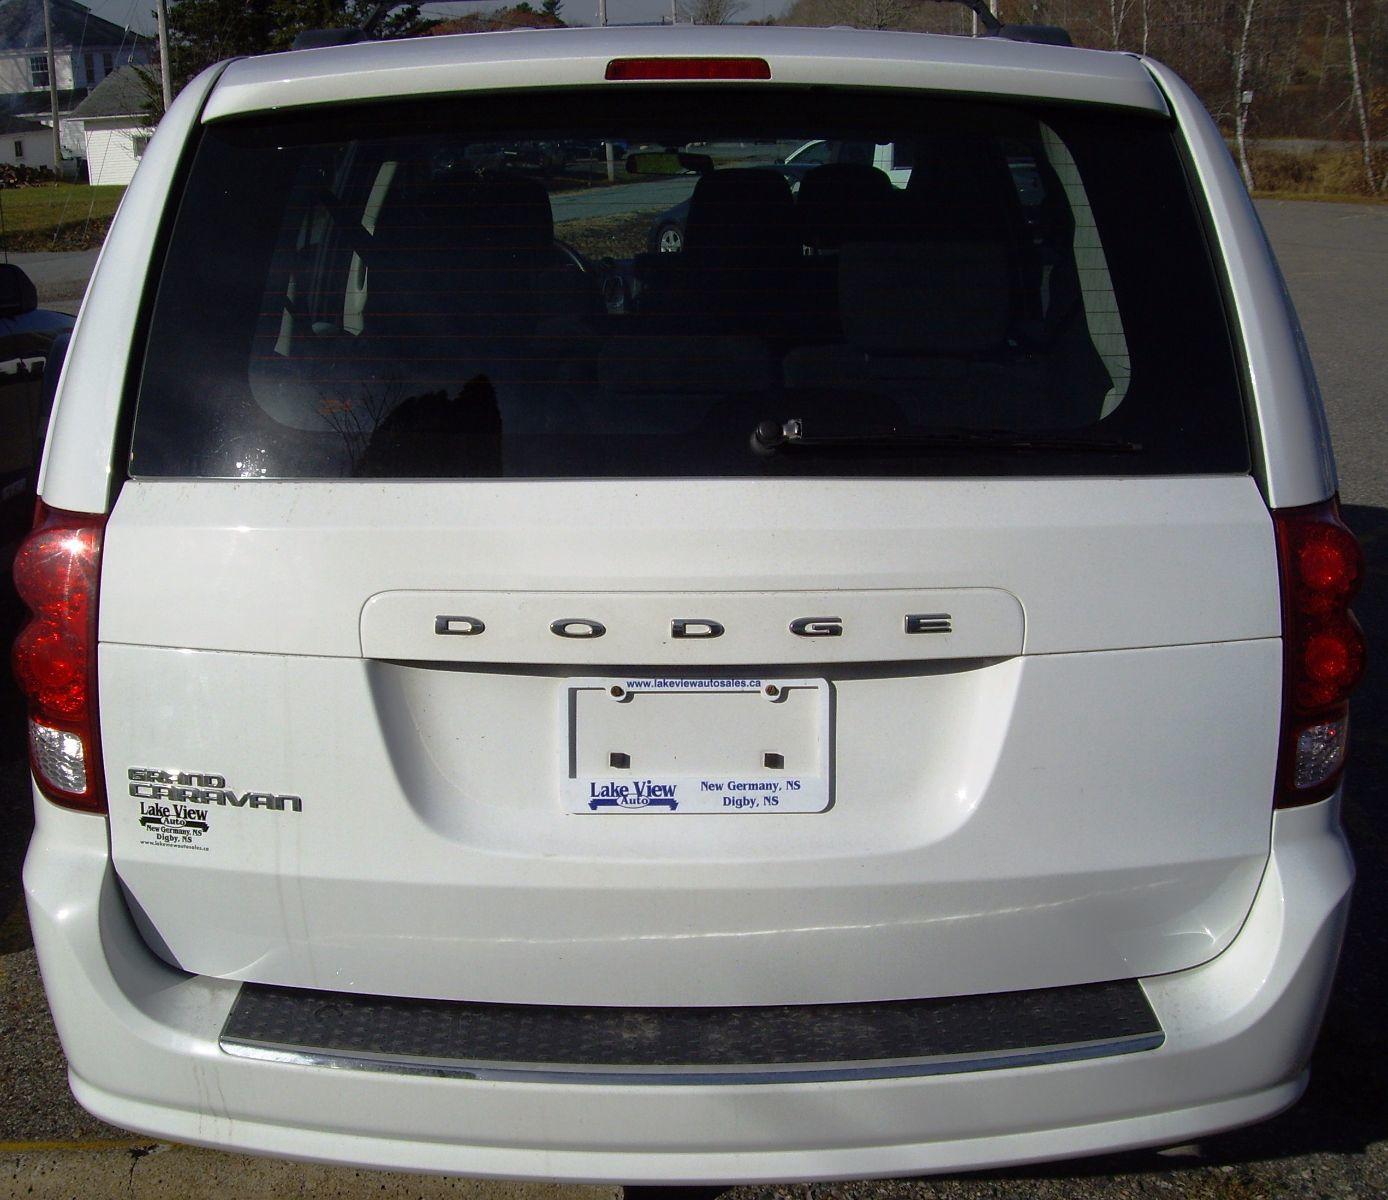 Used Dodge Caravan: Used 2014 Dodge Grand Caravan In New Germany